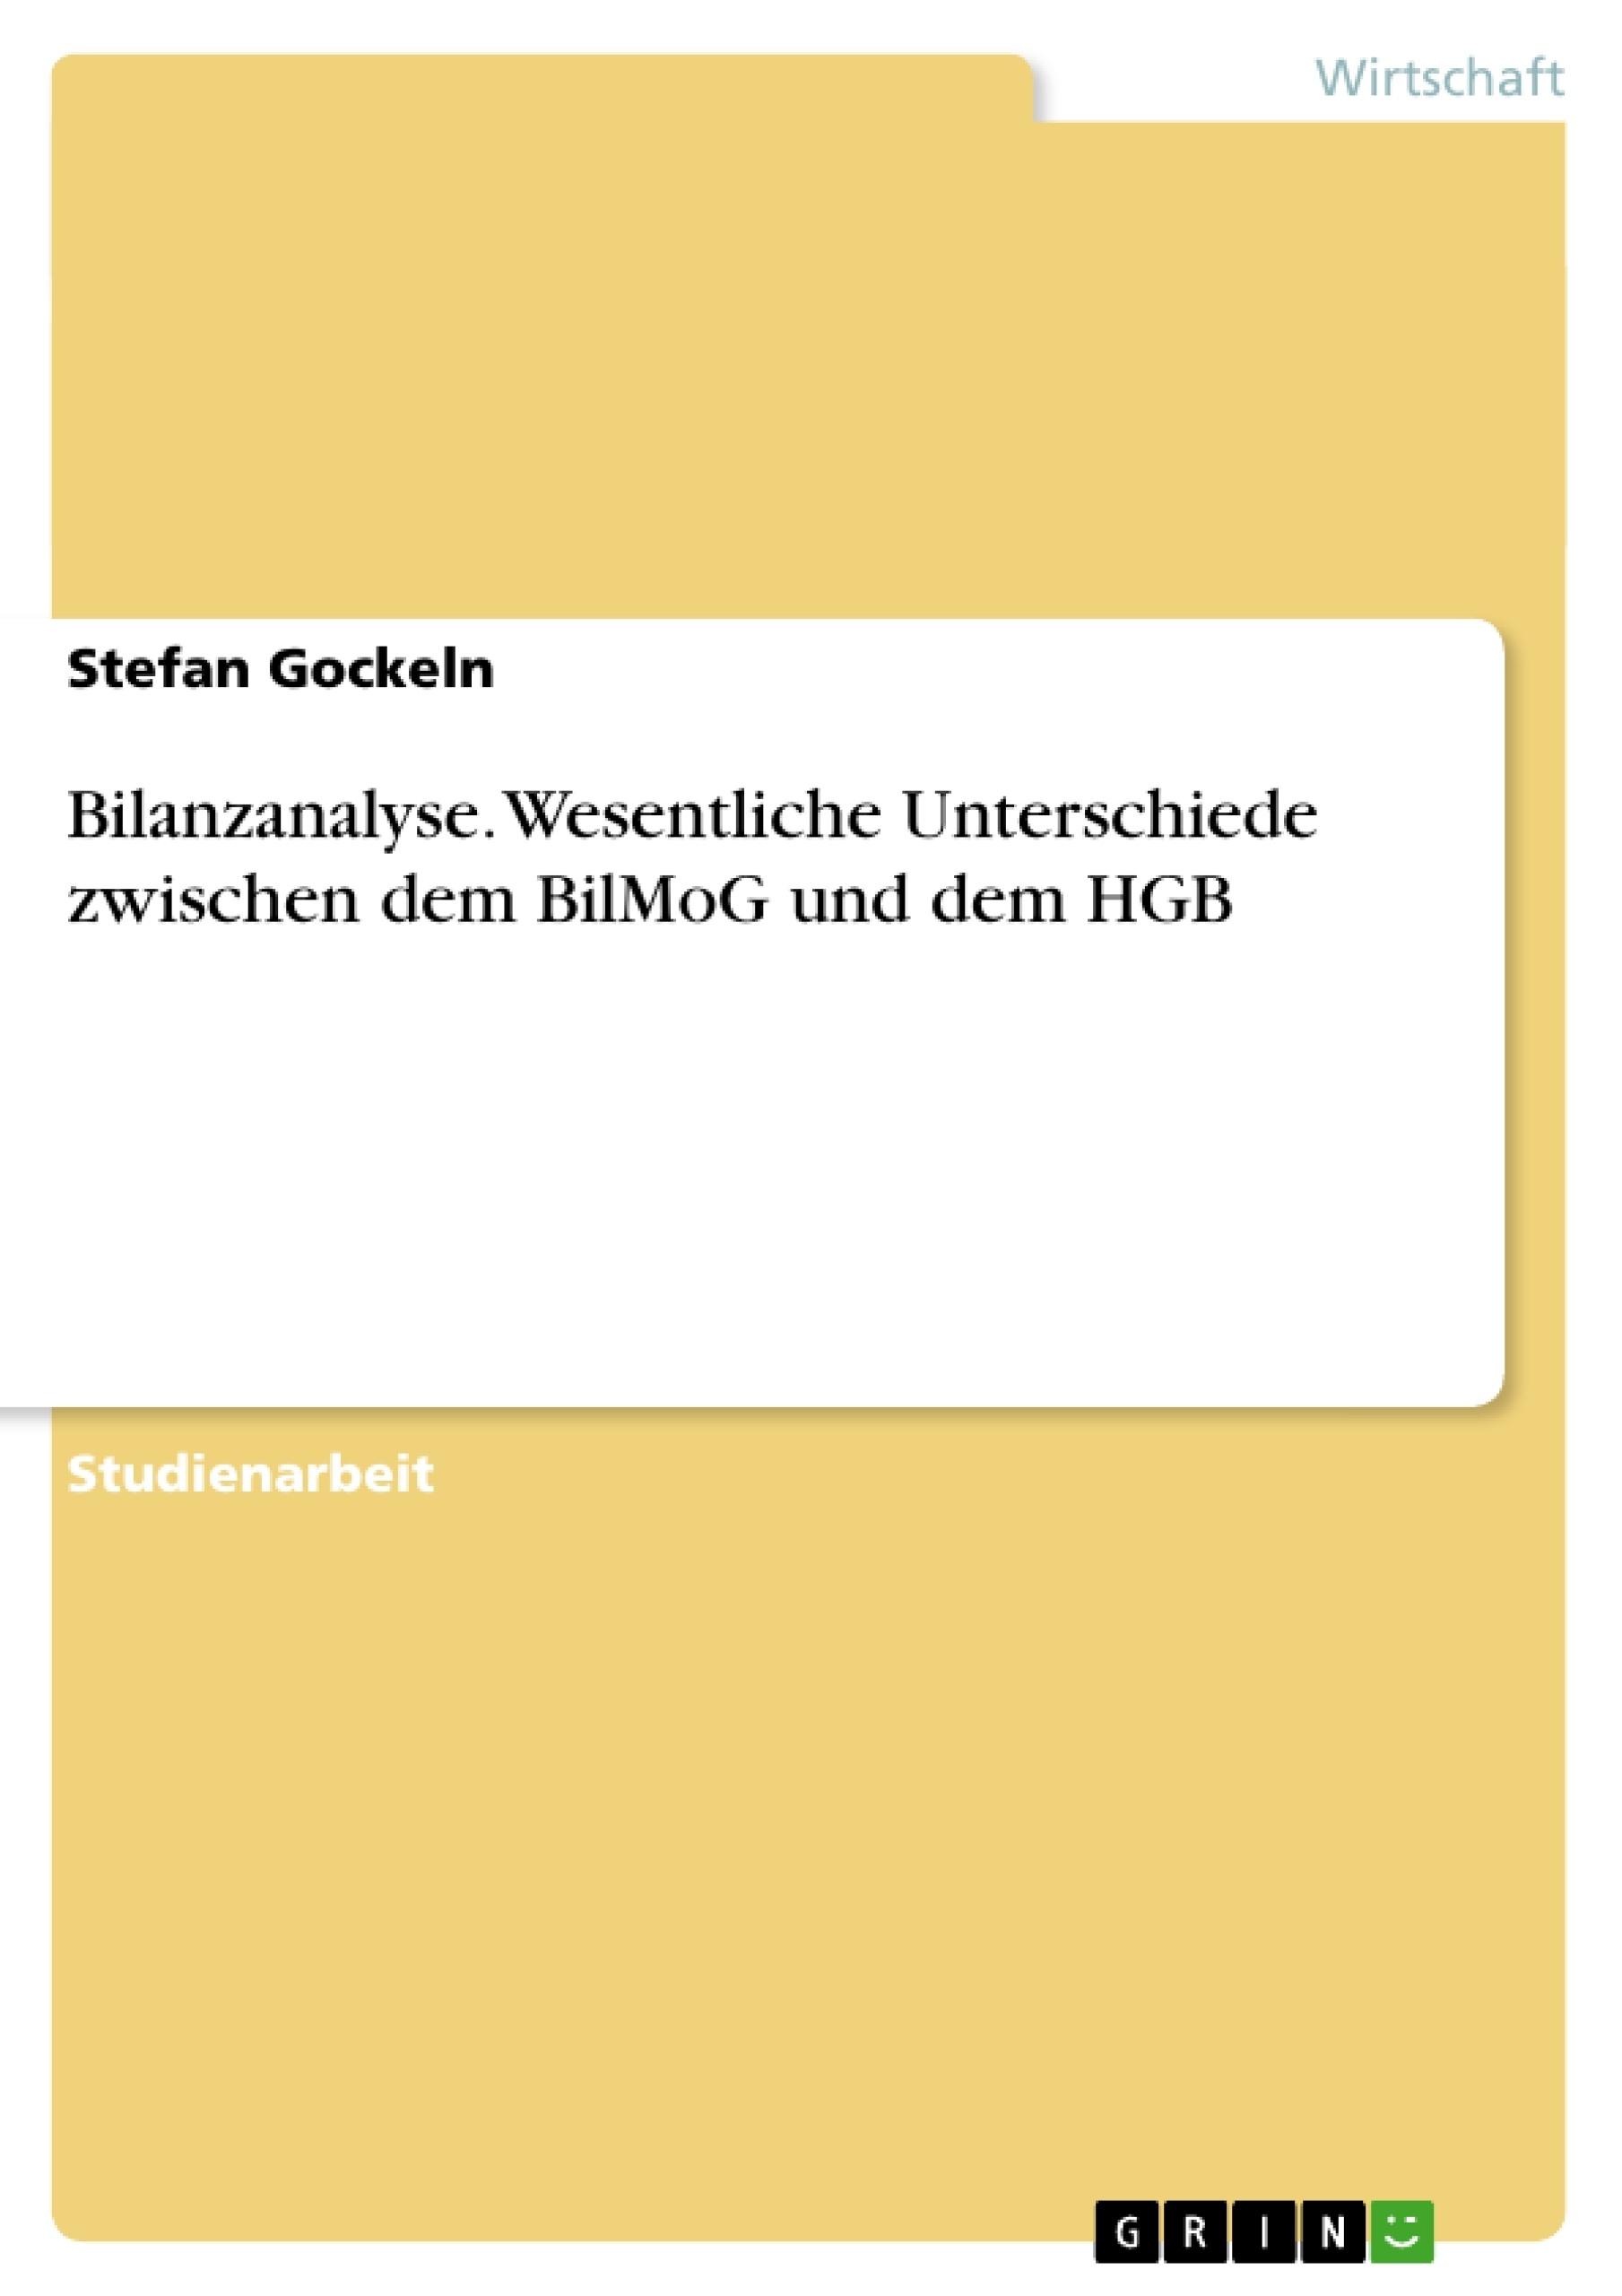 Titel: Bilanzanalyse. Wesentliche Unterschiede zwischen dem BilMoG und dem HGB